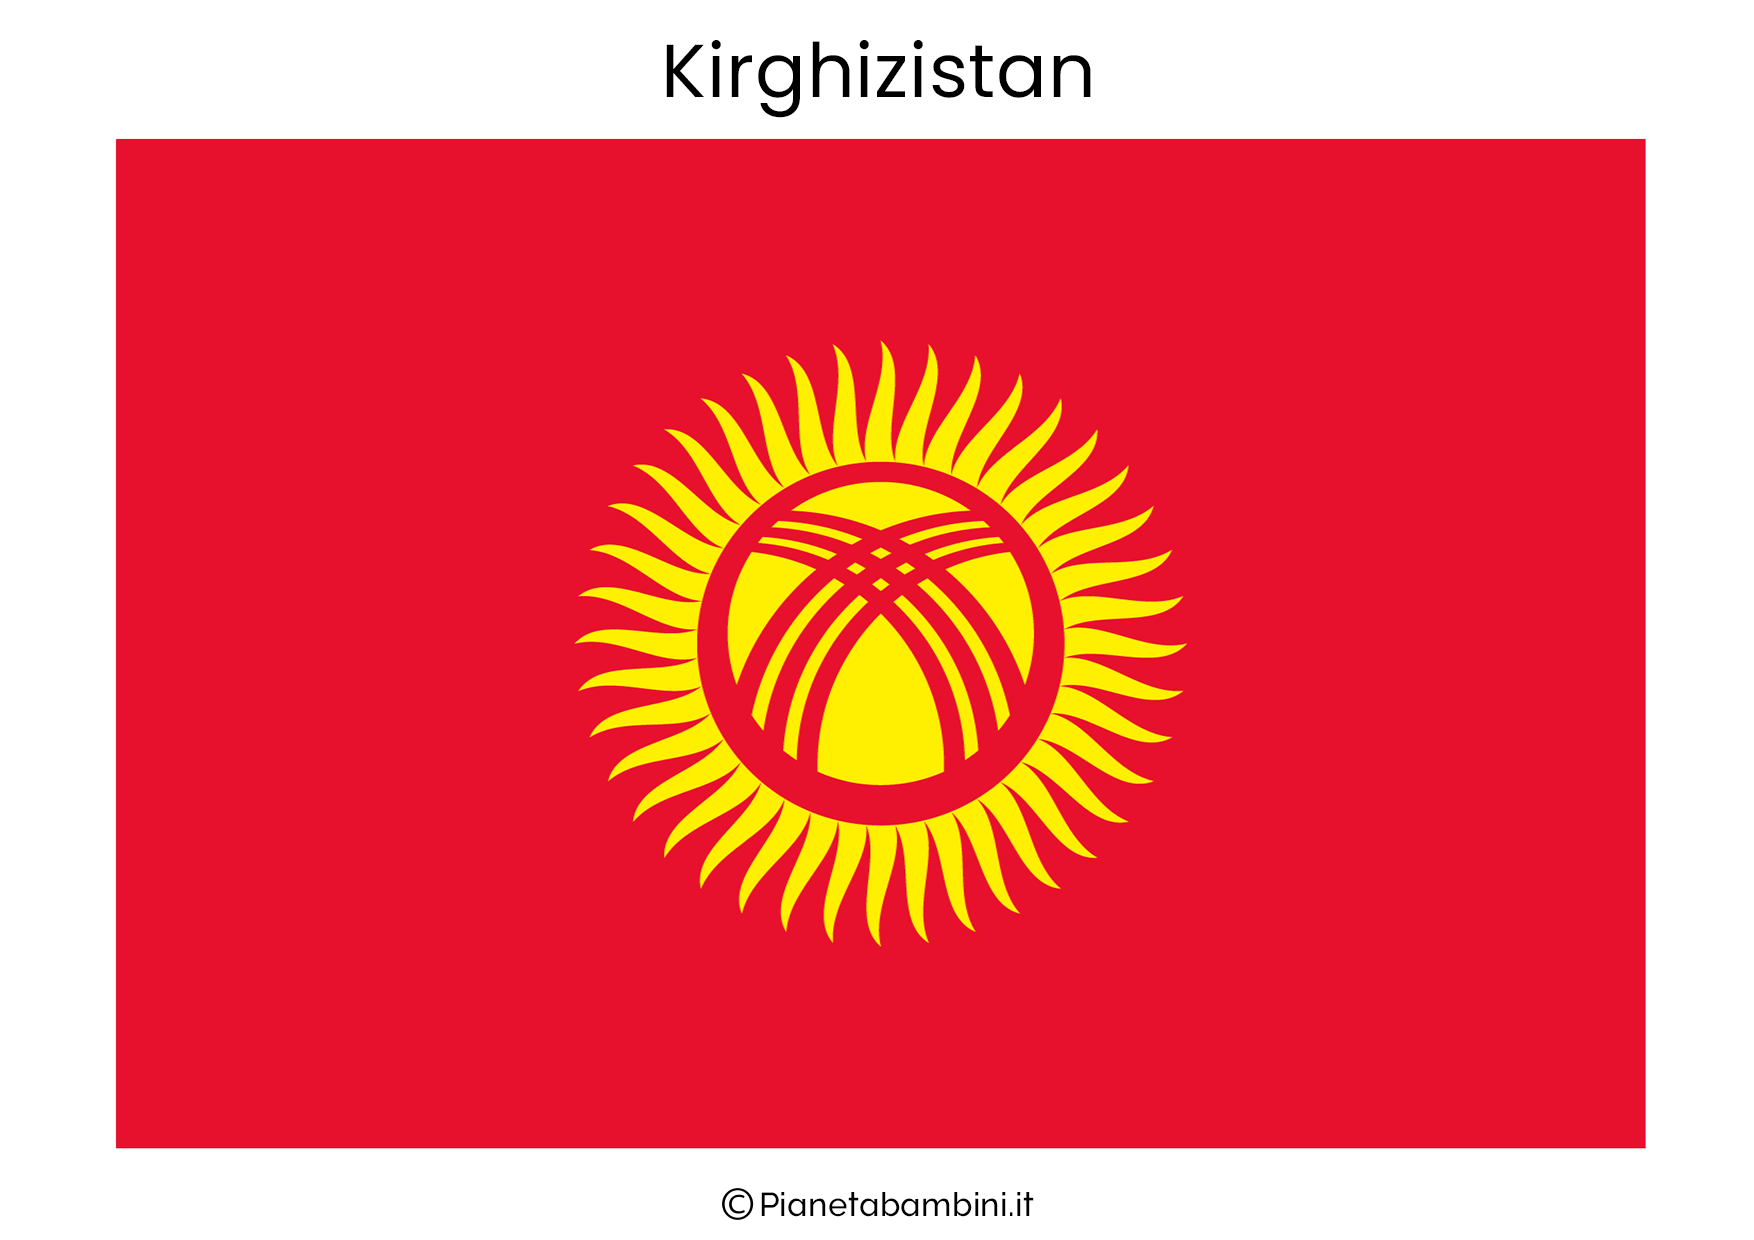 Bandiera del Kirghizistan da stampare